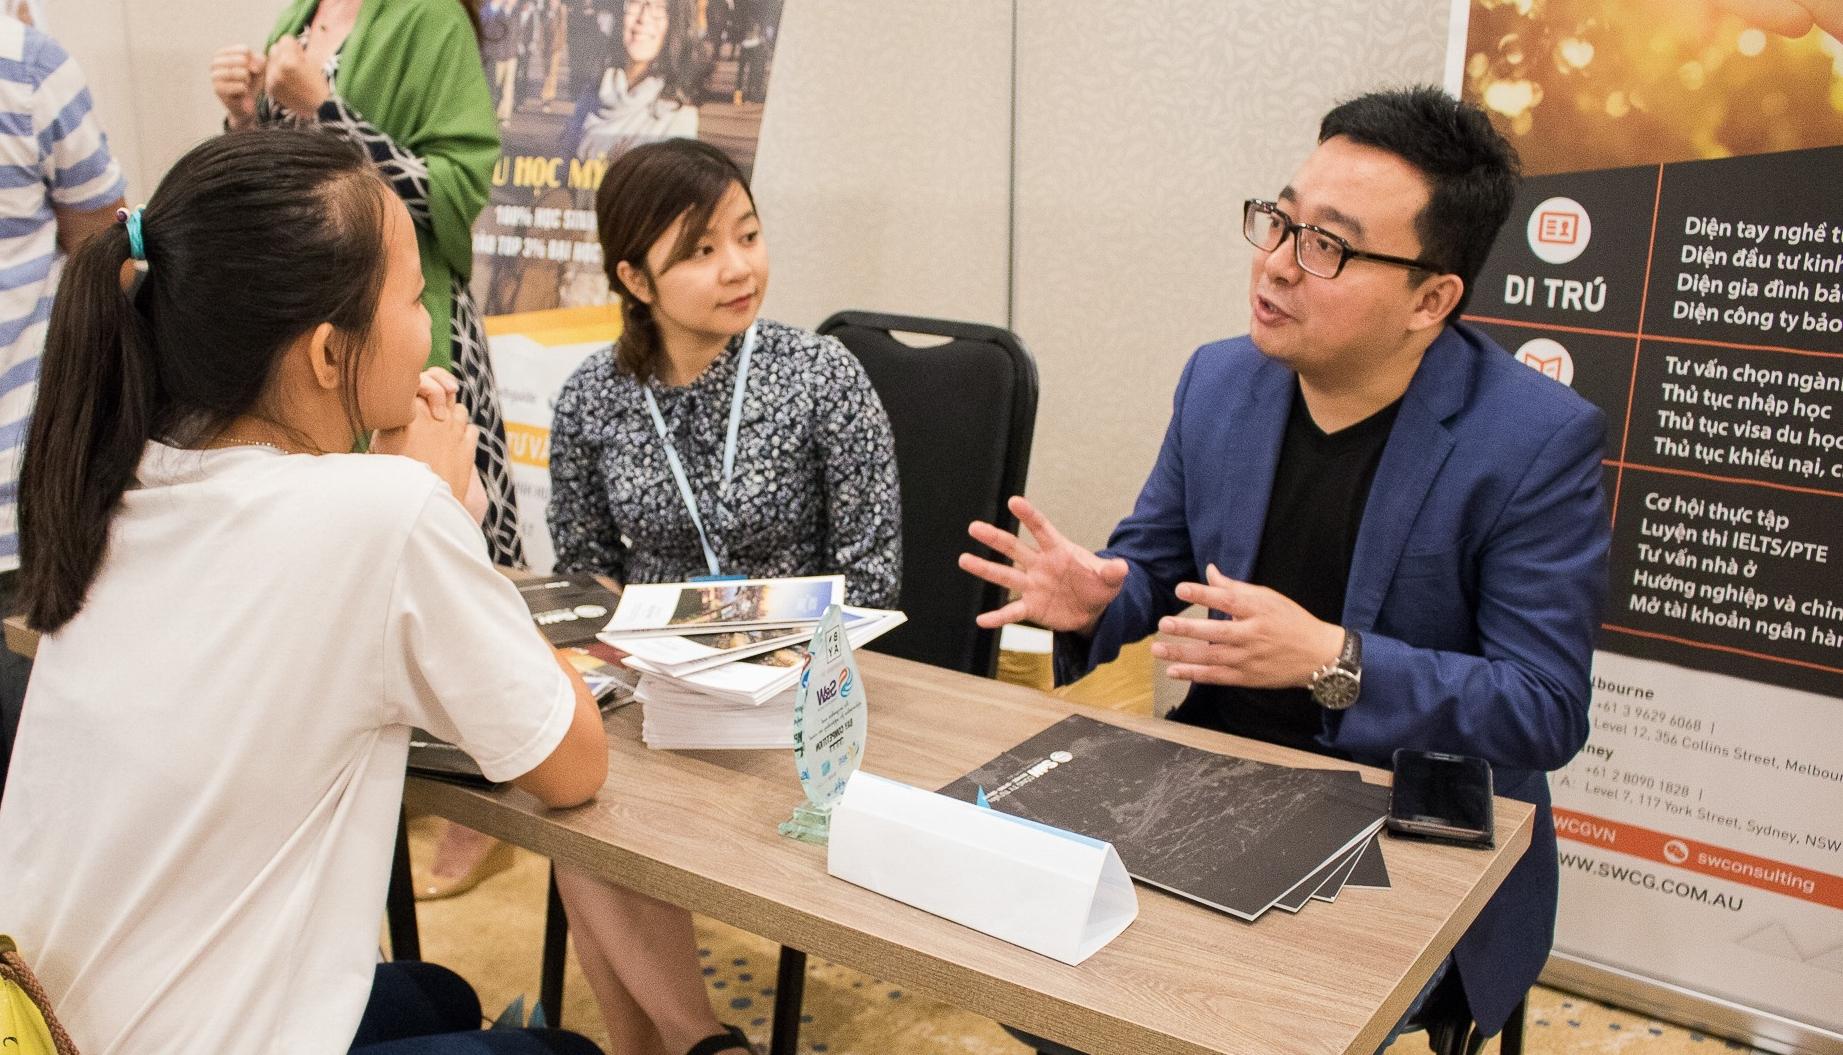 Đại diện SW Consulting Group đang tư vấn cho sinh viên